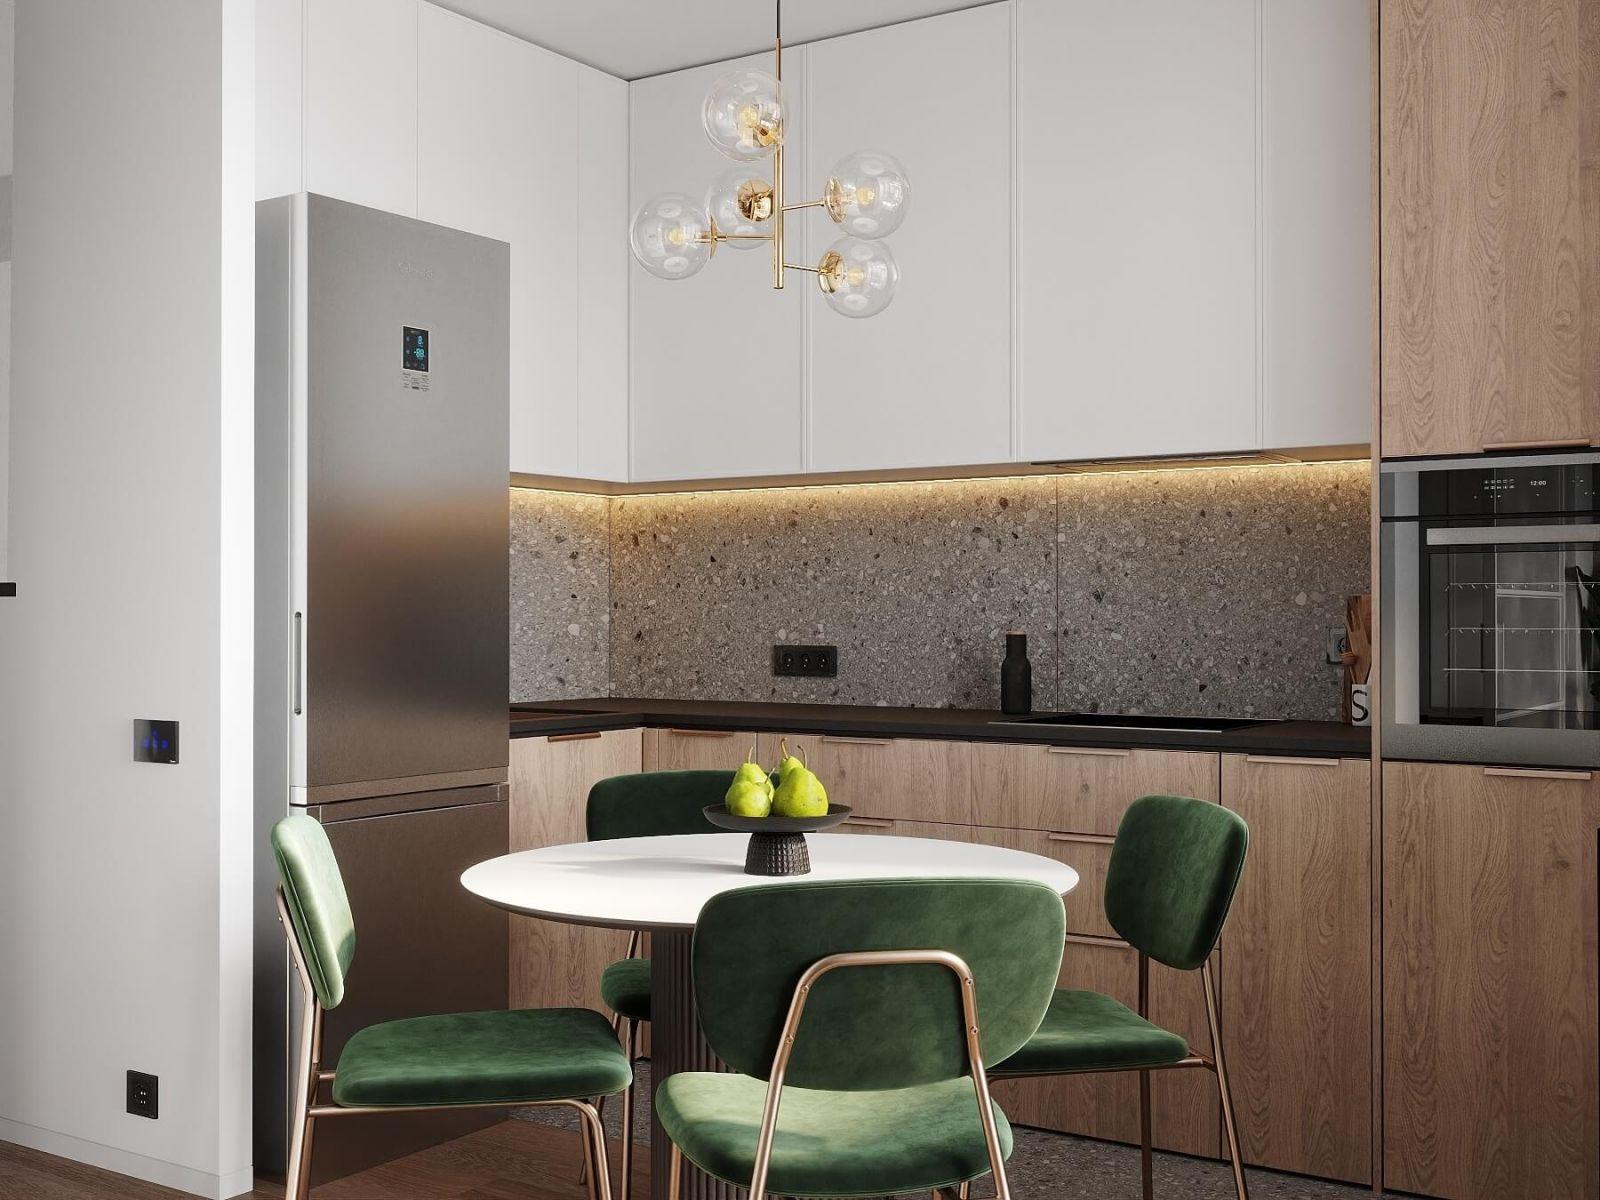 Tủ Bếp Gỗ Hiện Đại Đẹp | Tủ Bếp Giá Rẻ | Tủ Bếp Hiện Đại